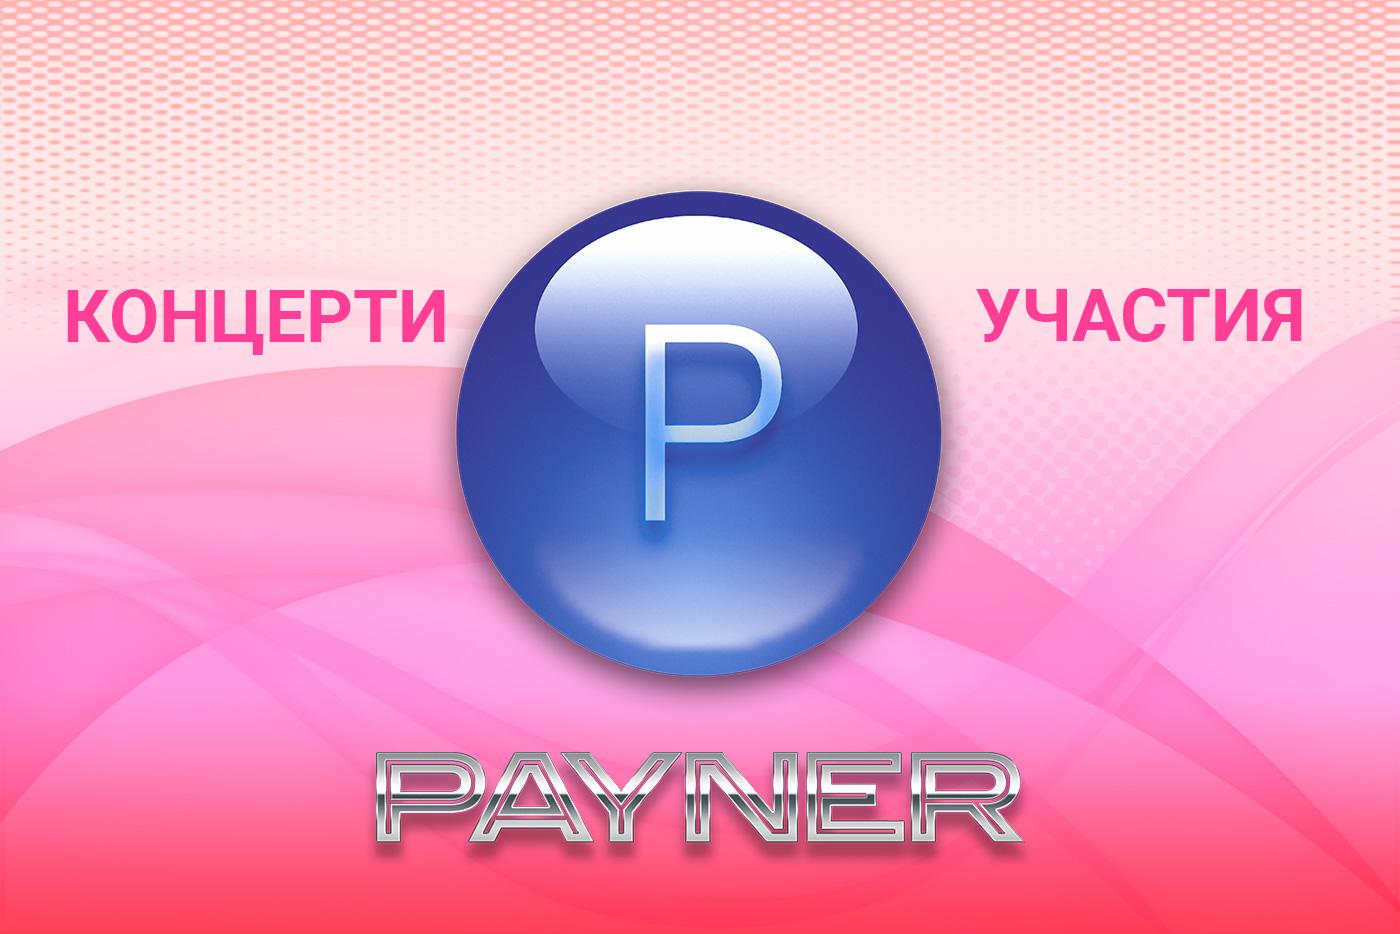 """Участия на звездите на """"Пайнер"""" на 28.01.2020"""